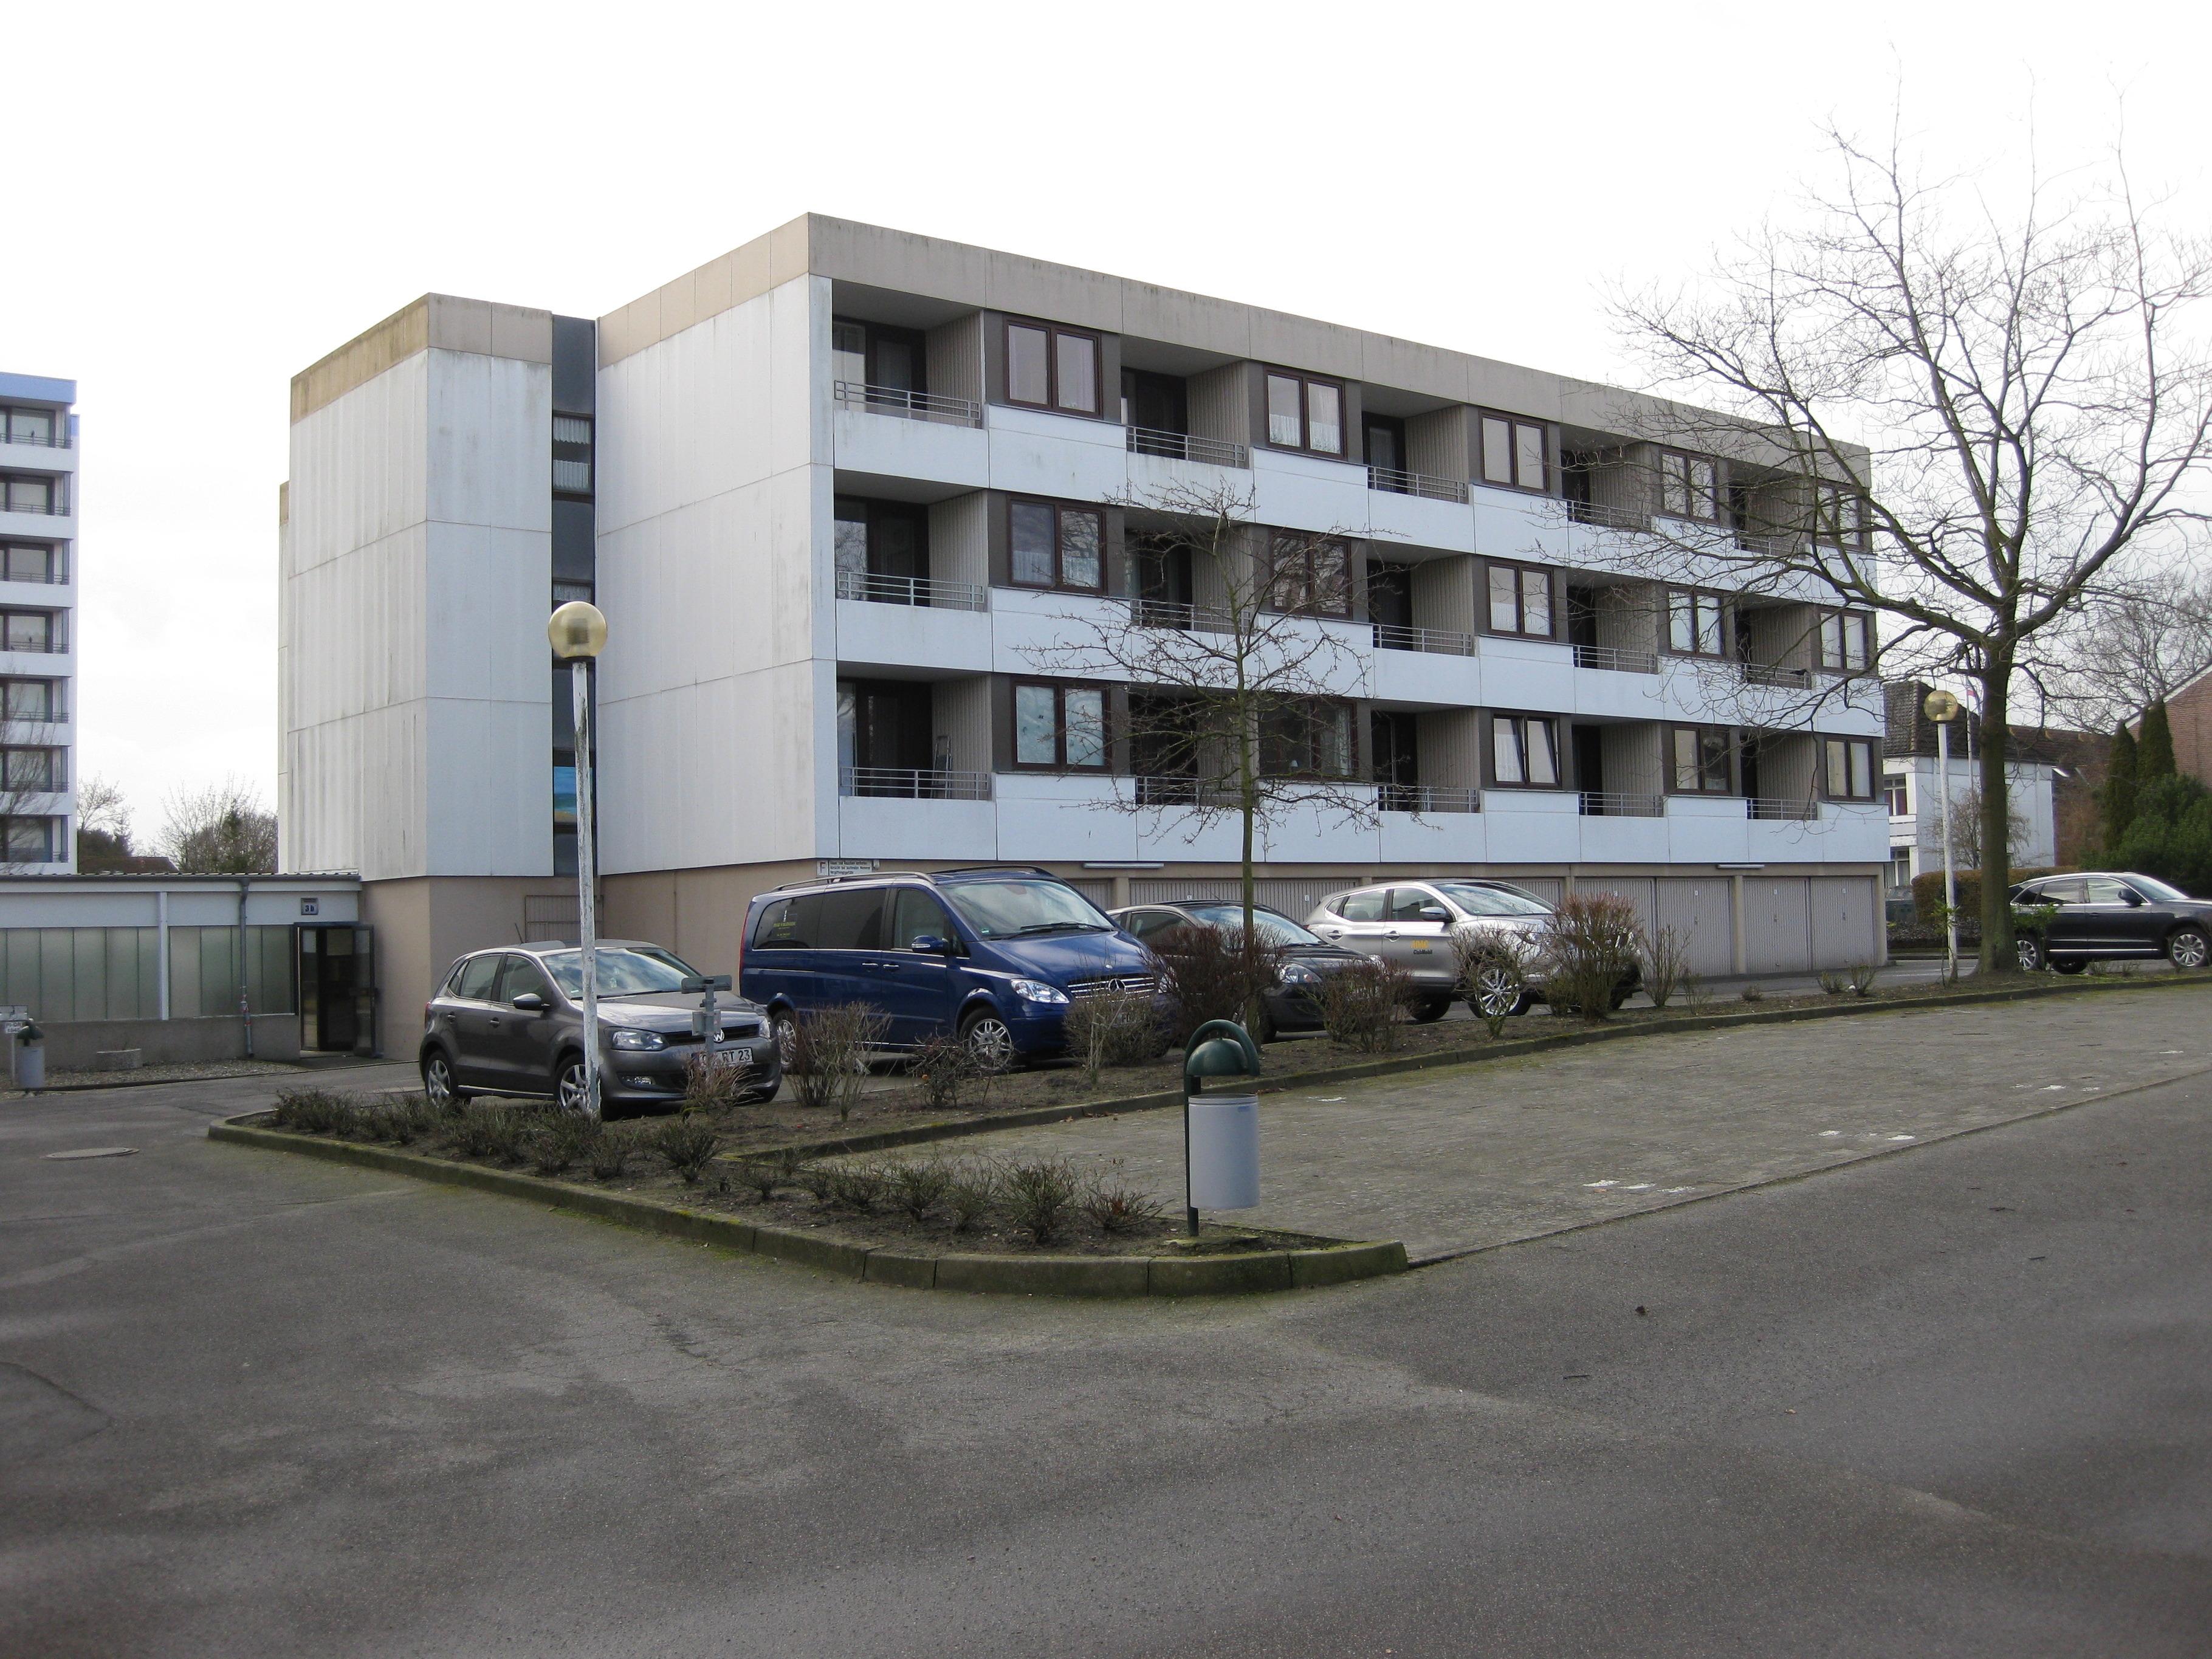 Ferienwohnung Haus Nautic 4-3-6 (887416), Kellenhusen, Lübecker Bucht, Schleswig-Holstein, Deutschland, Bild 2